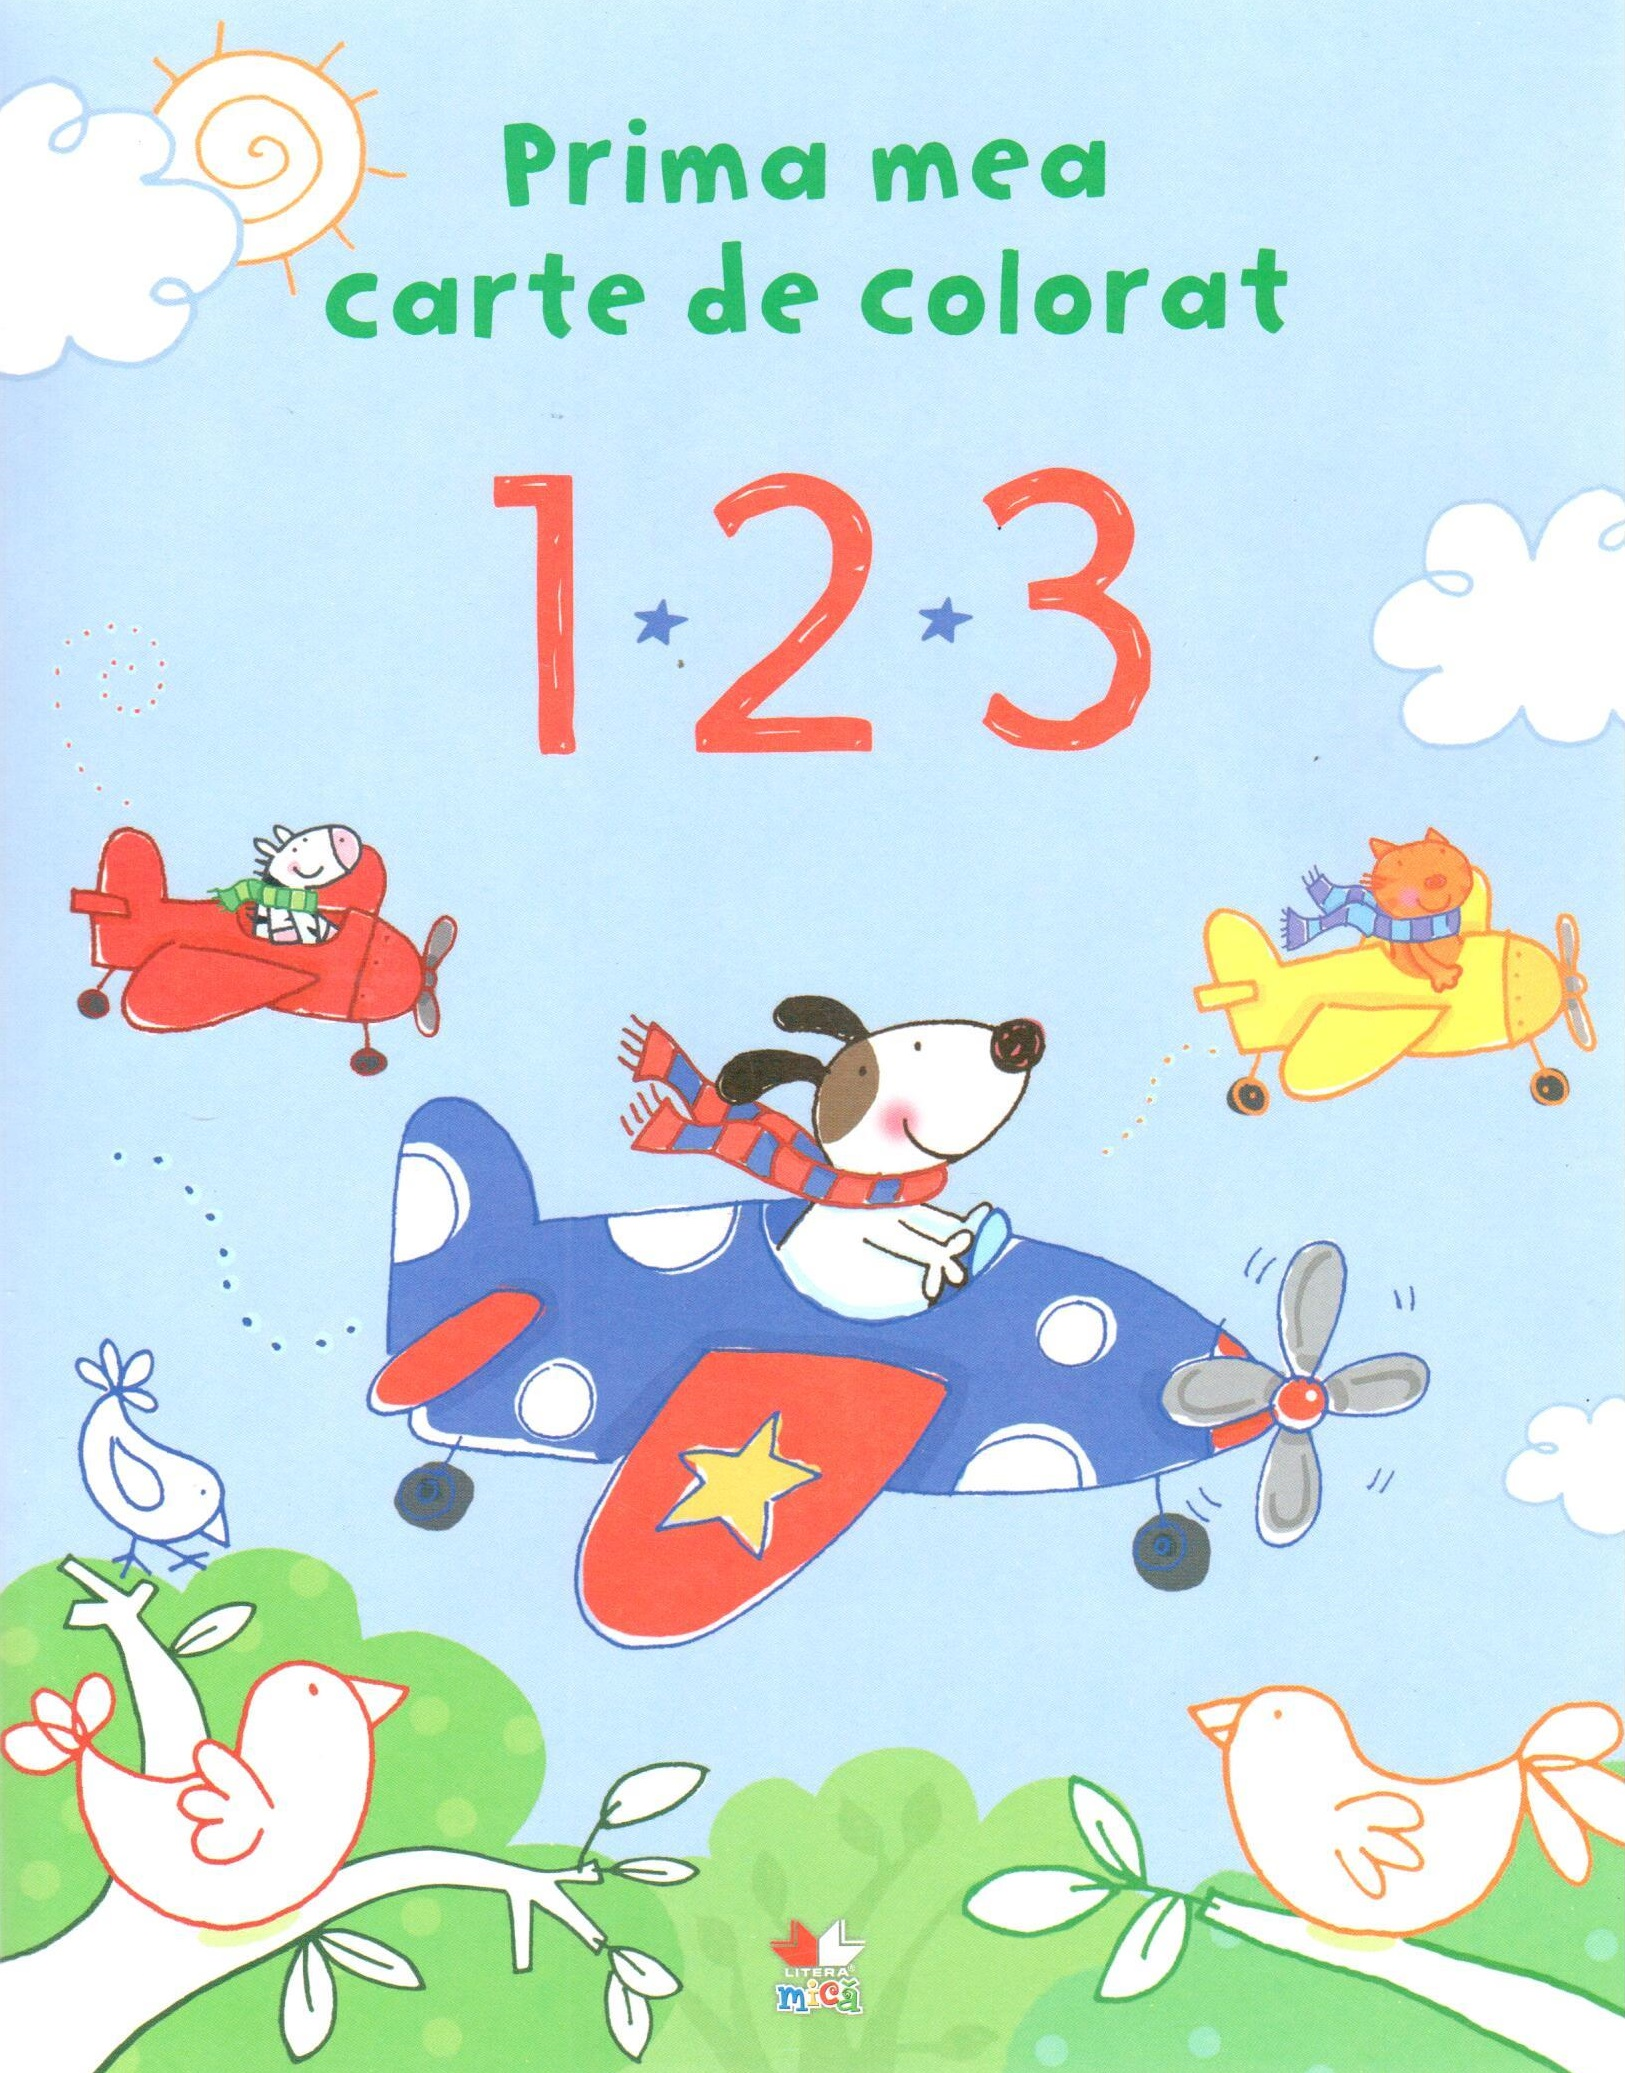 Prima mea carte de colorat - 1 2 3